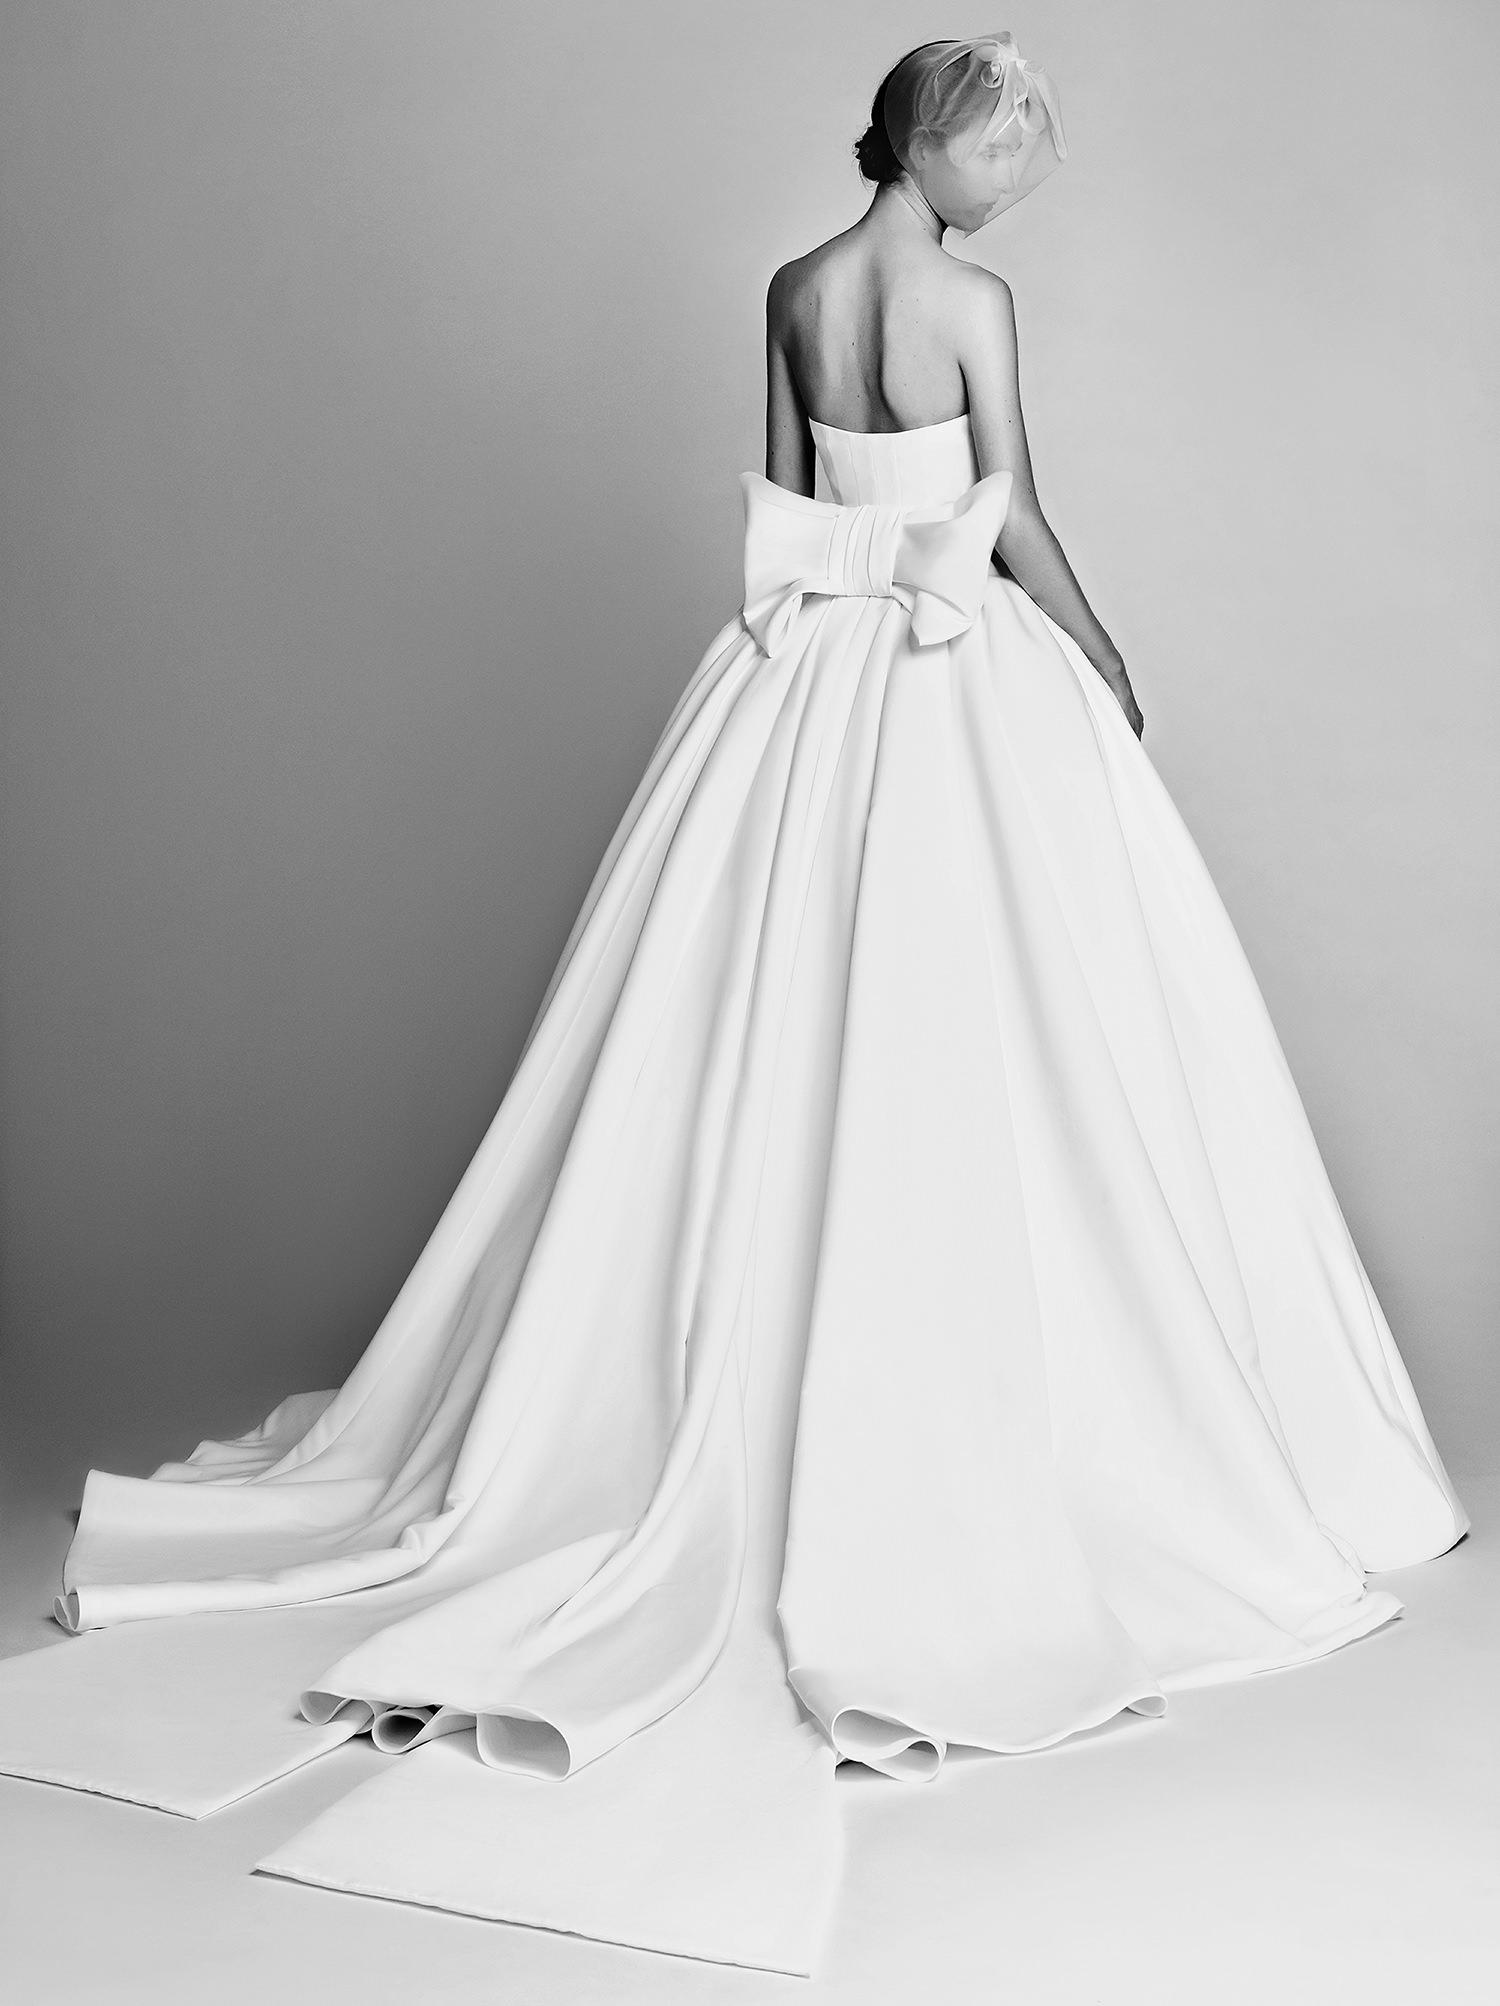 Viktor Amp Rolf Vrm004 Wedding Dress Browns Bride